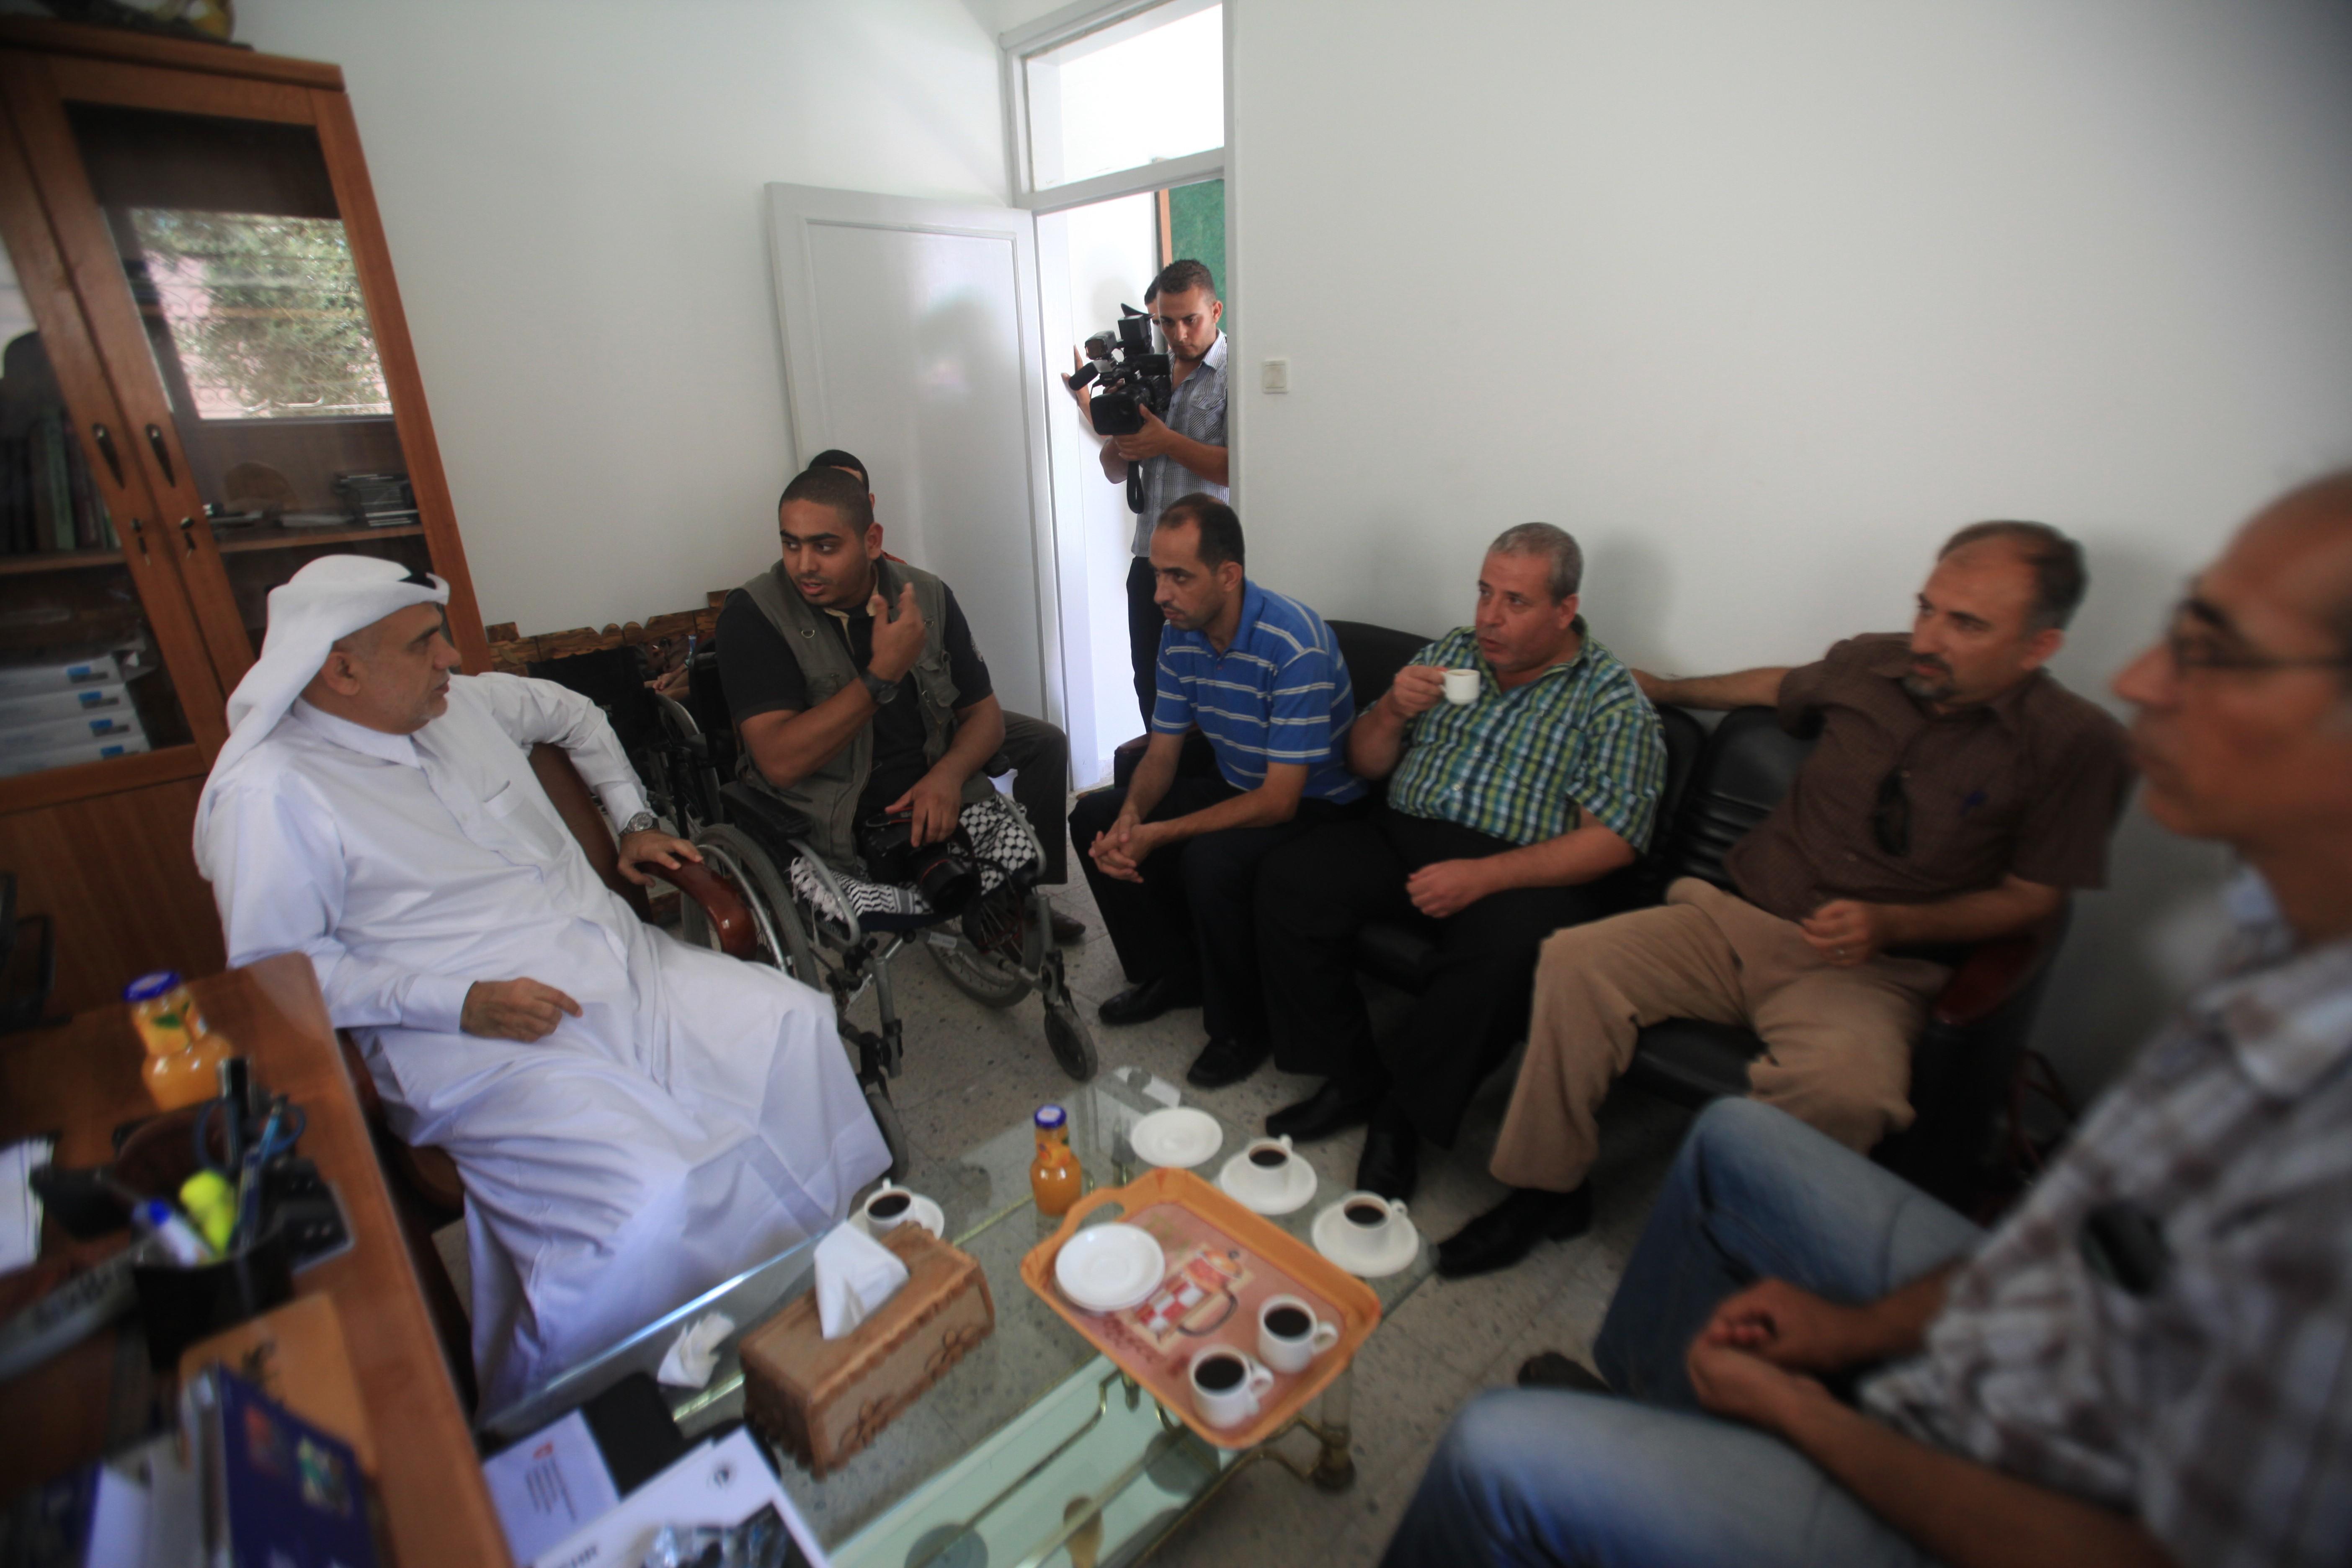 مدير جمعية قطر الخيرية يزور بيت الصحافة ويبحث سبل التعاون المشترك